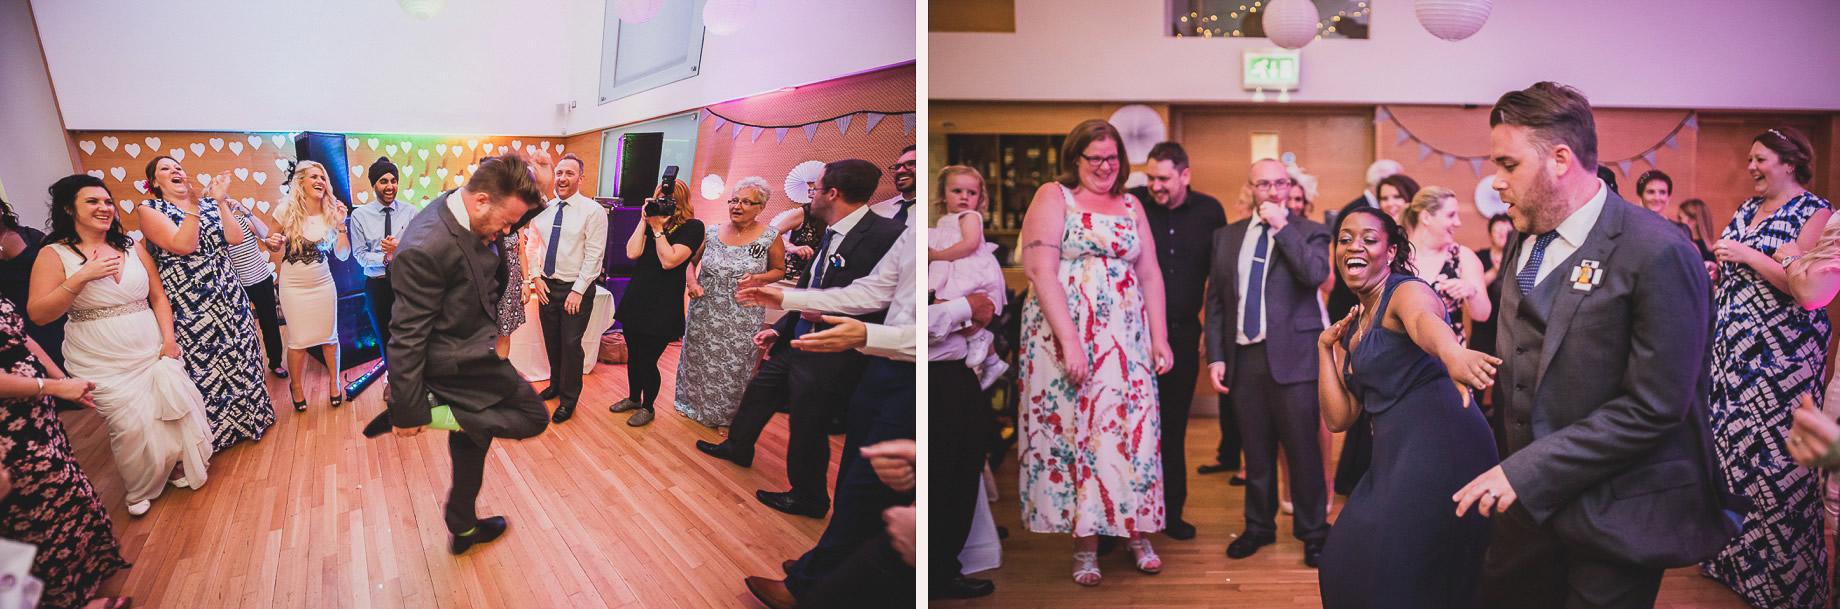 Becky and John's Wedding at Slaidburn Village Hall 216